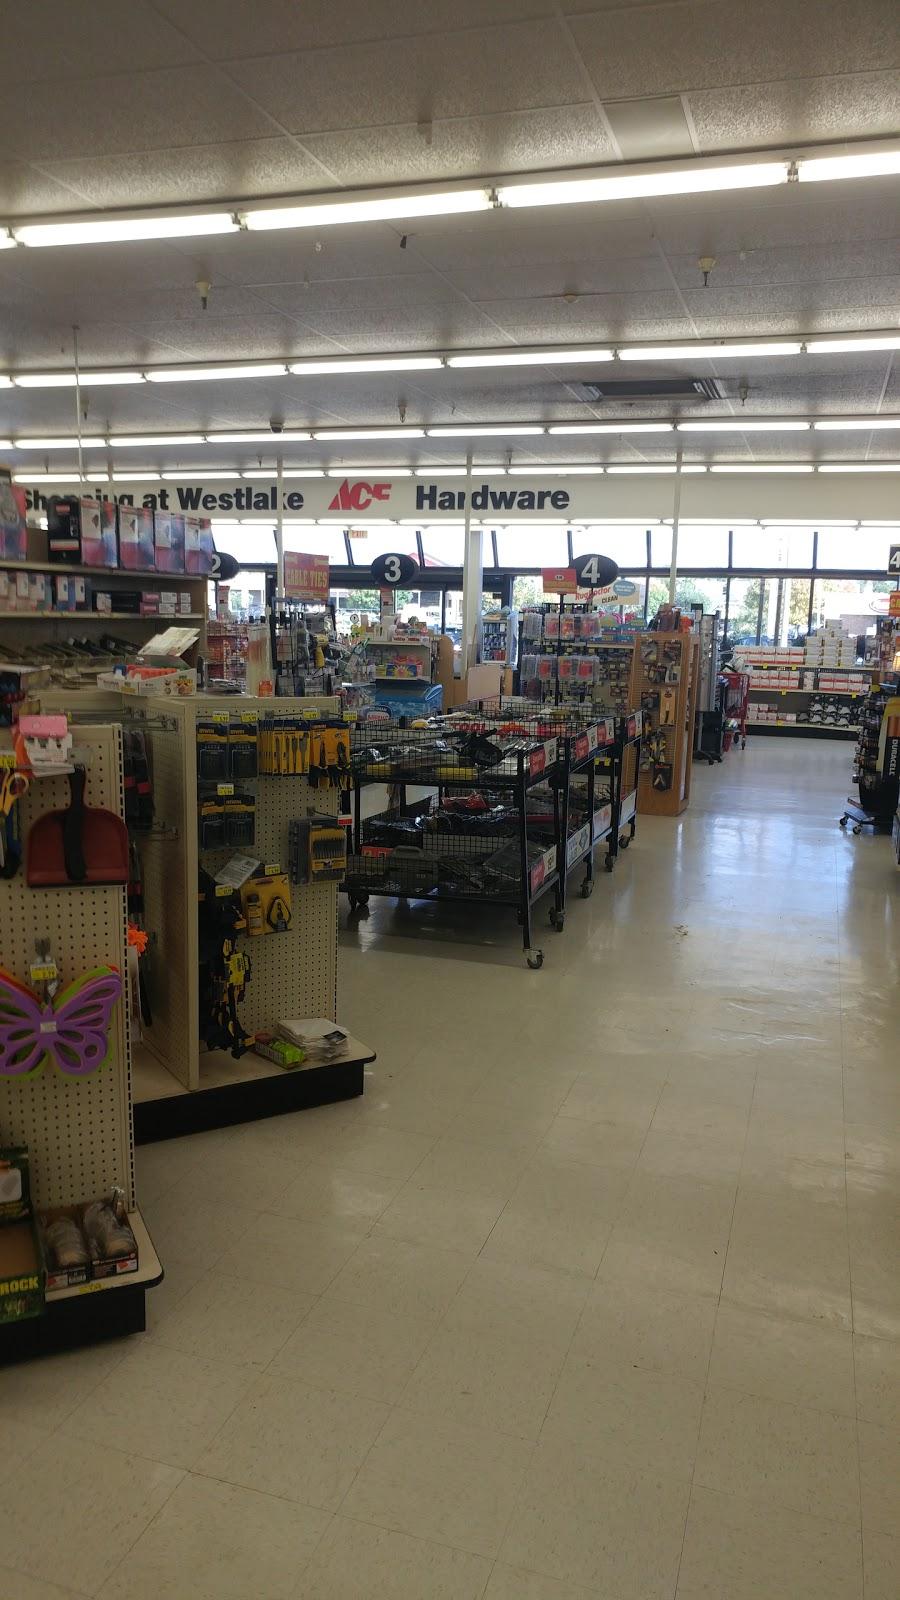 Westlake Ace Hardware - hardware store  | Photo 9 of 10 | Address: 3948 S Peoria Ave, Tulsa, OK 74105, USA | Phone: (918) 712-7376